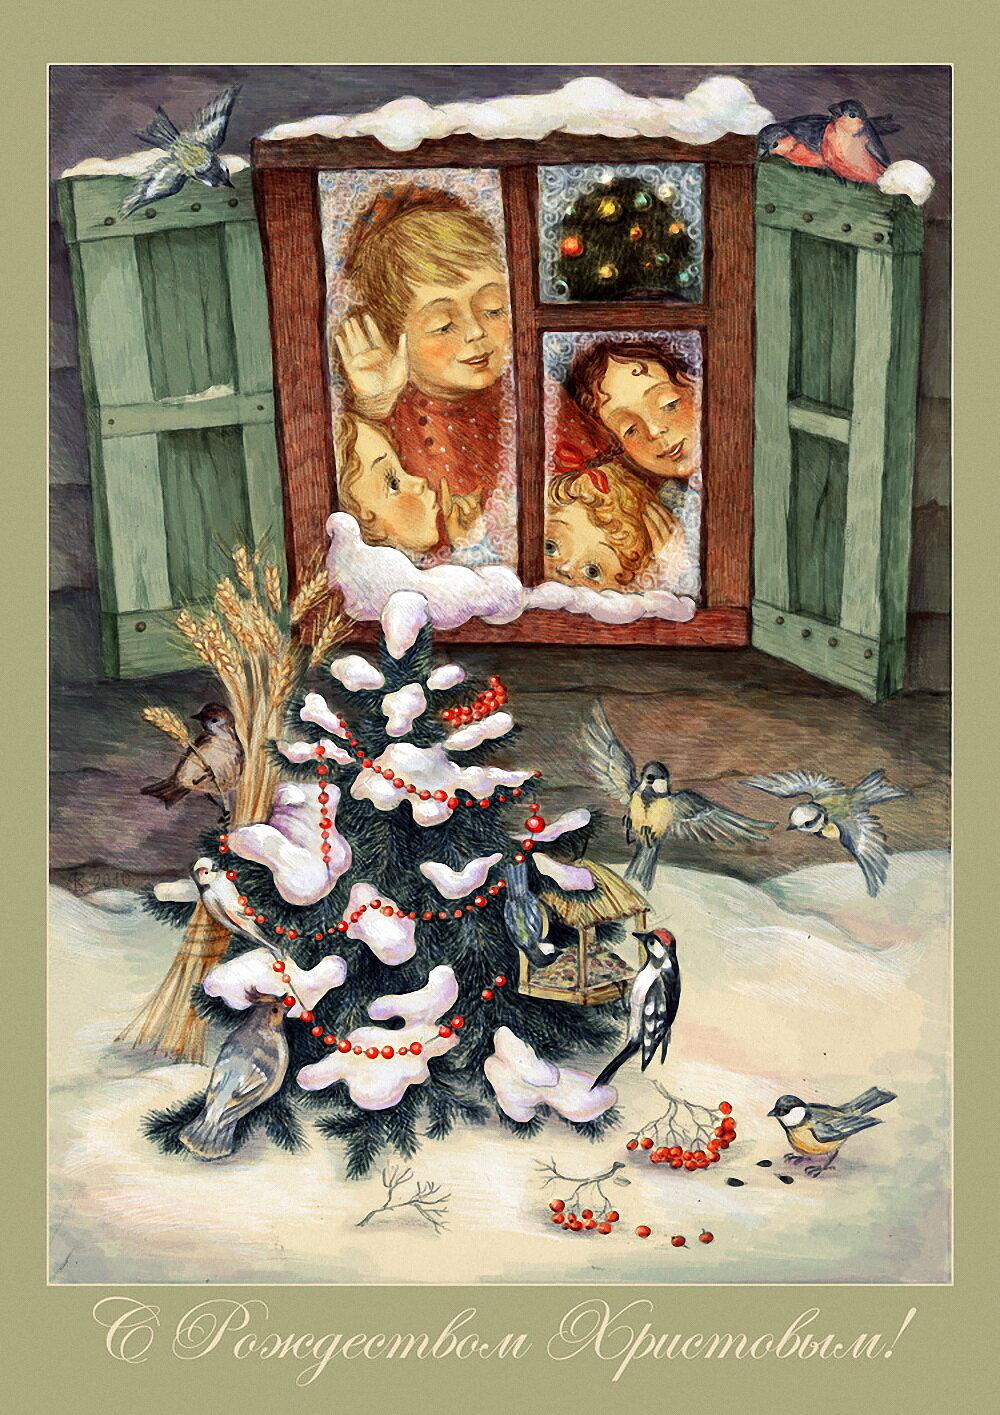 Хорошее поздравление с наступающим рождеством яркой